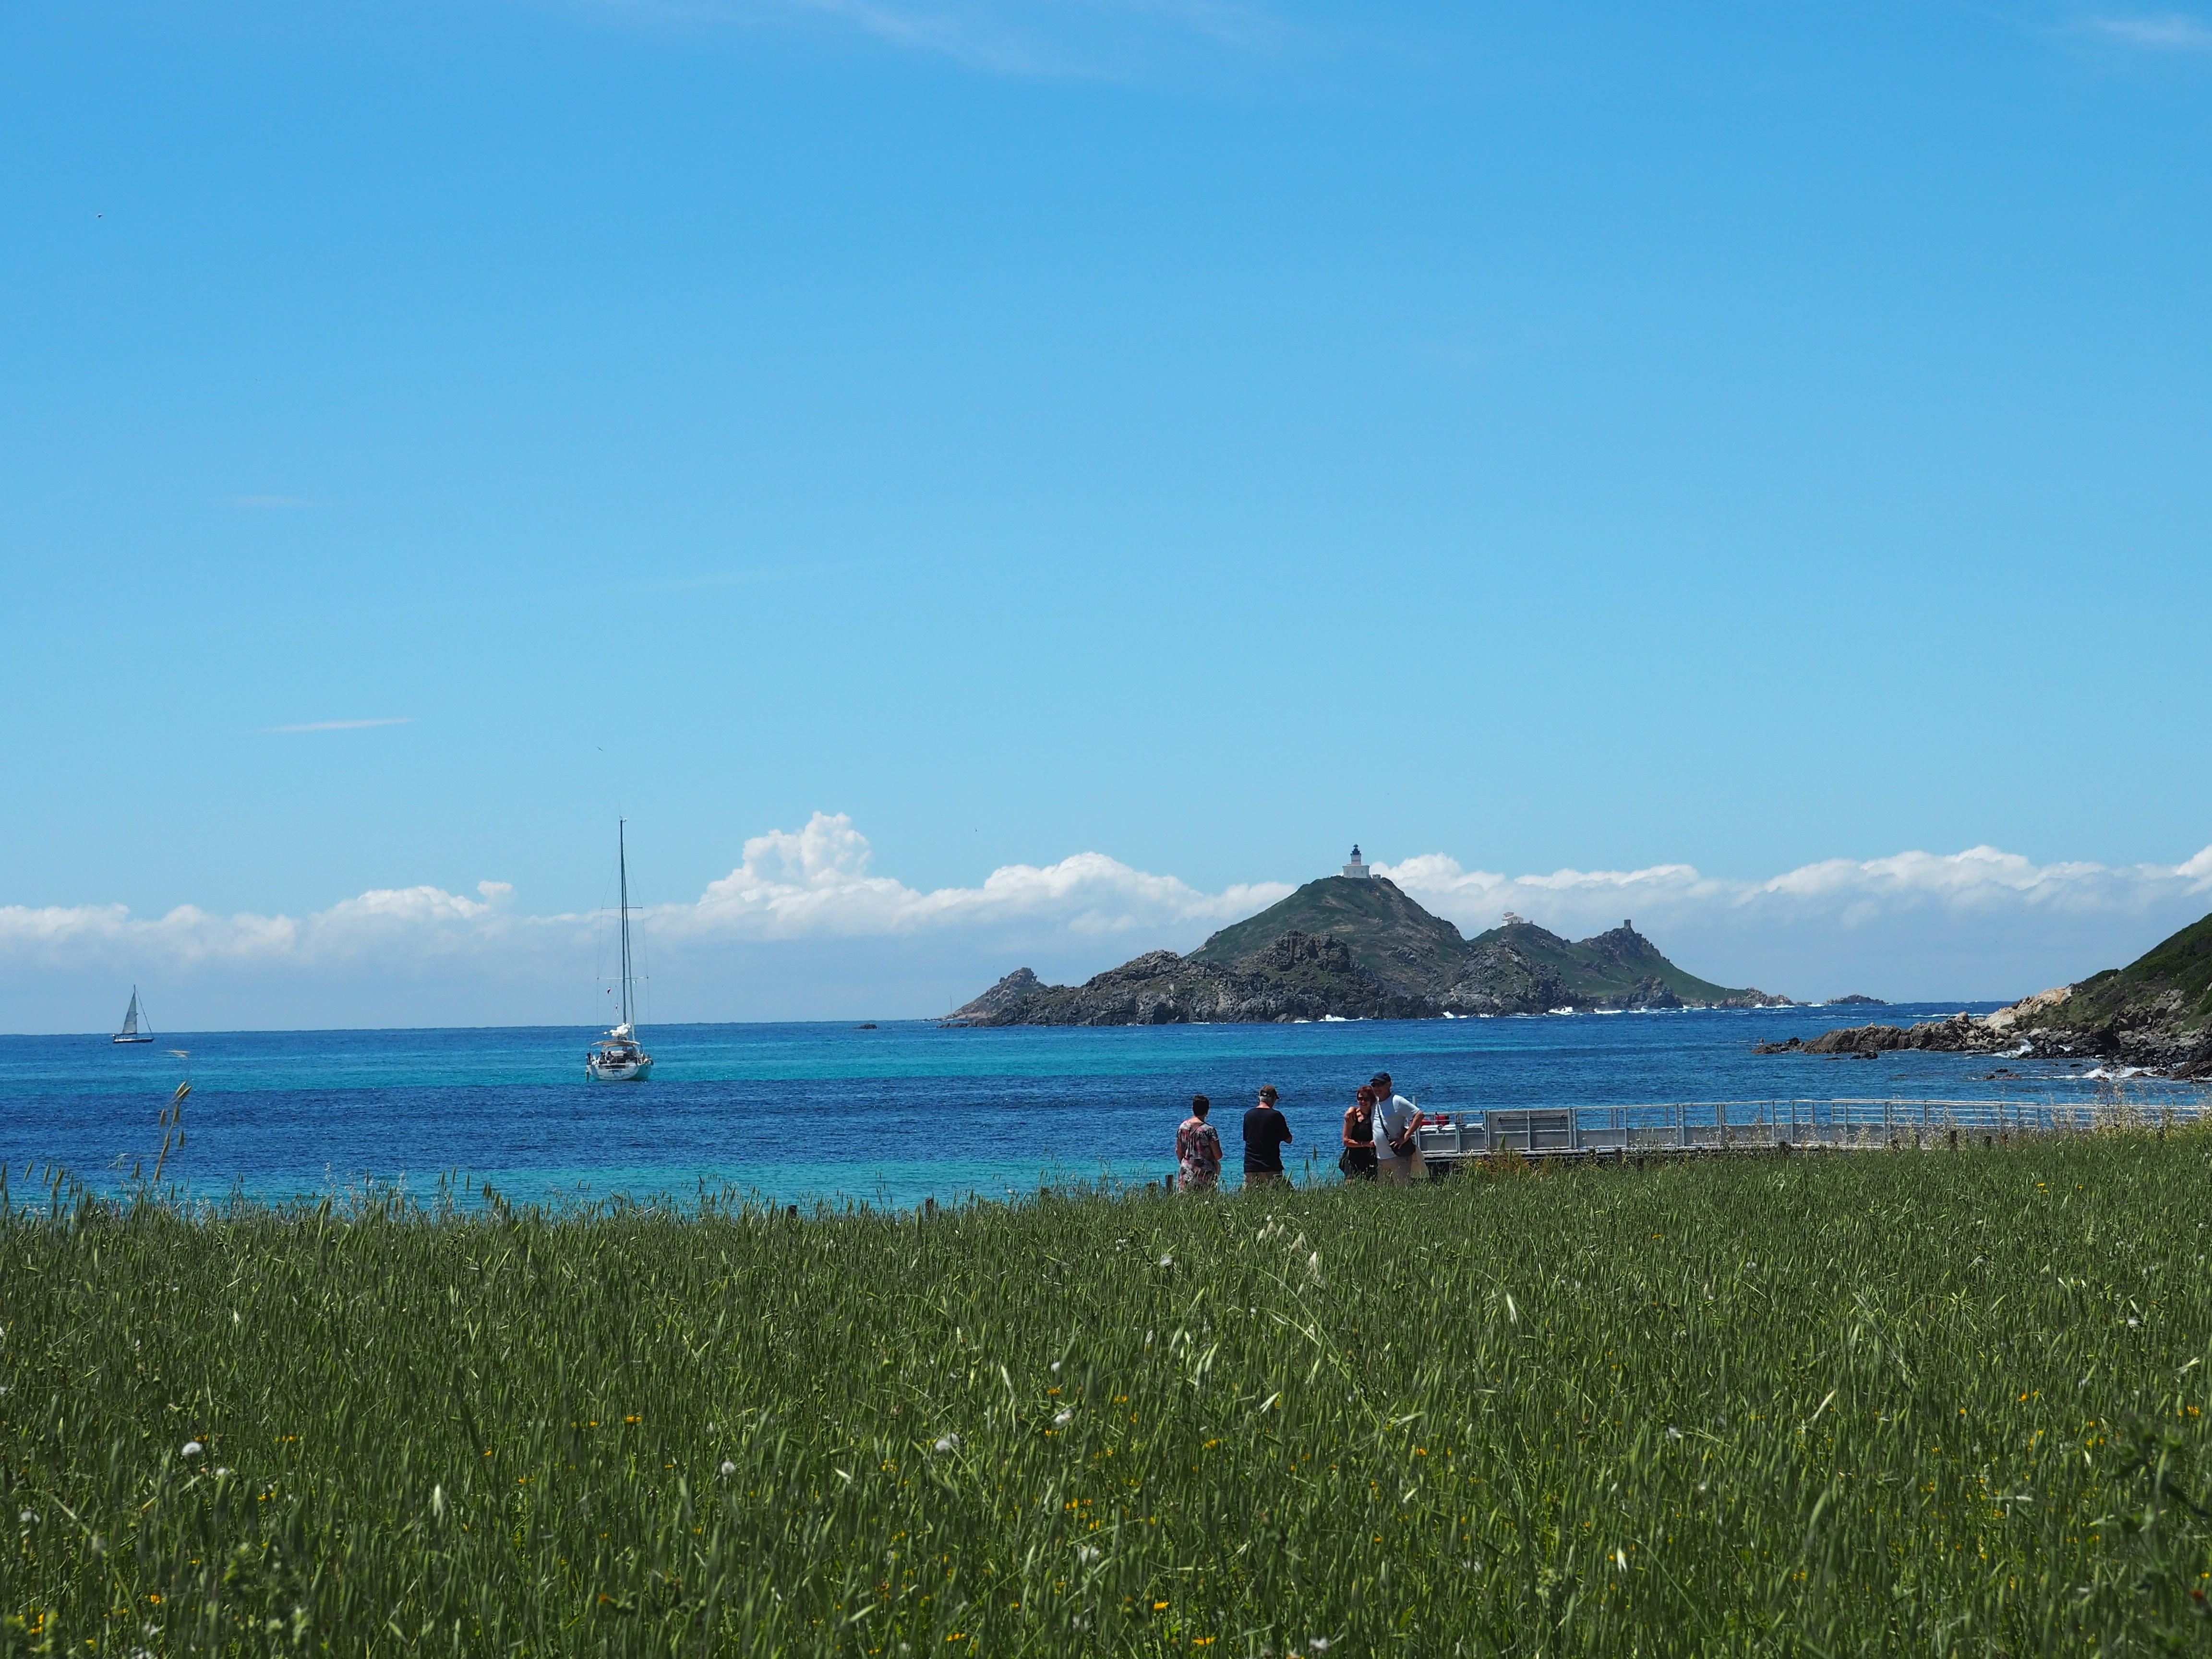 Eine der 4 Inseln der Iles Sanguinaires, der Blutinseln, vor der Küste Korsikas